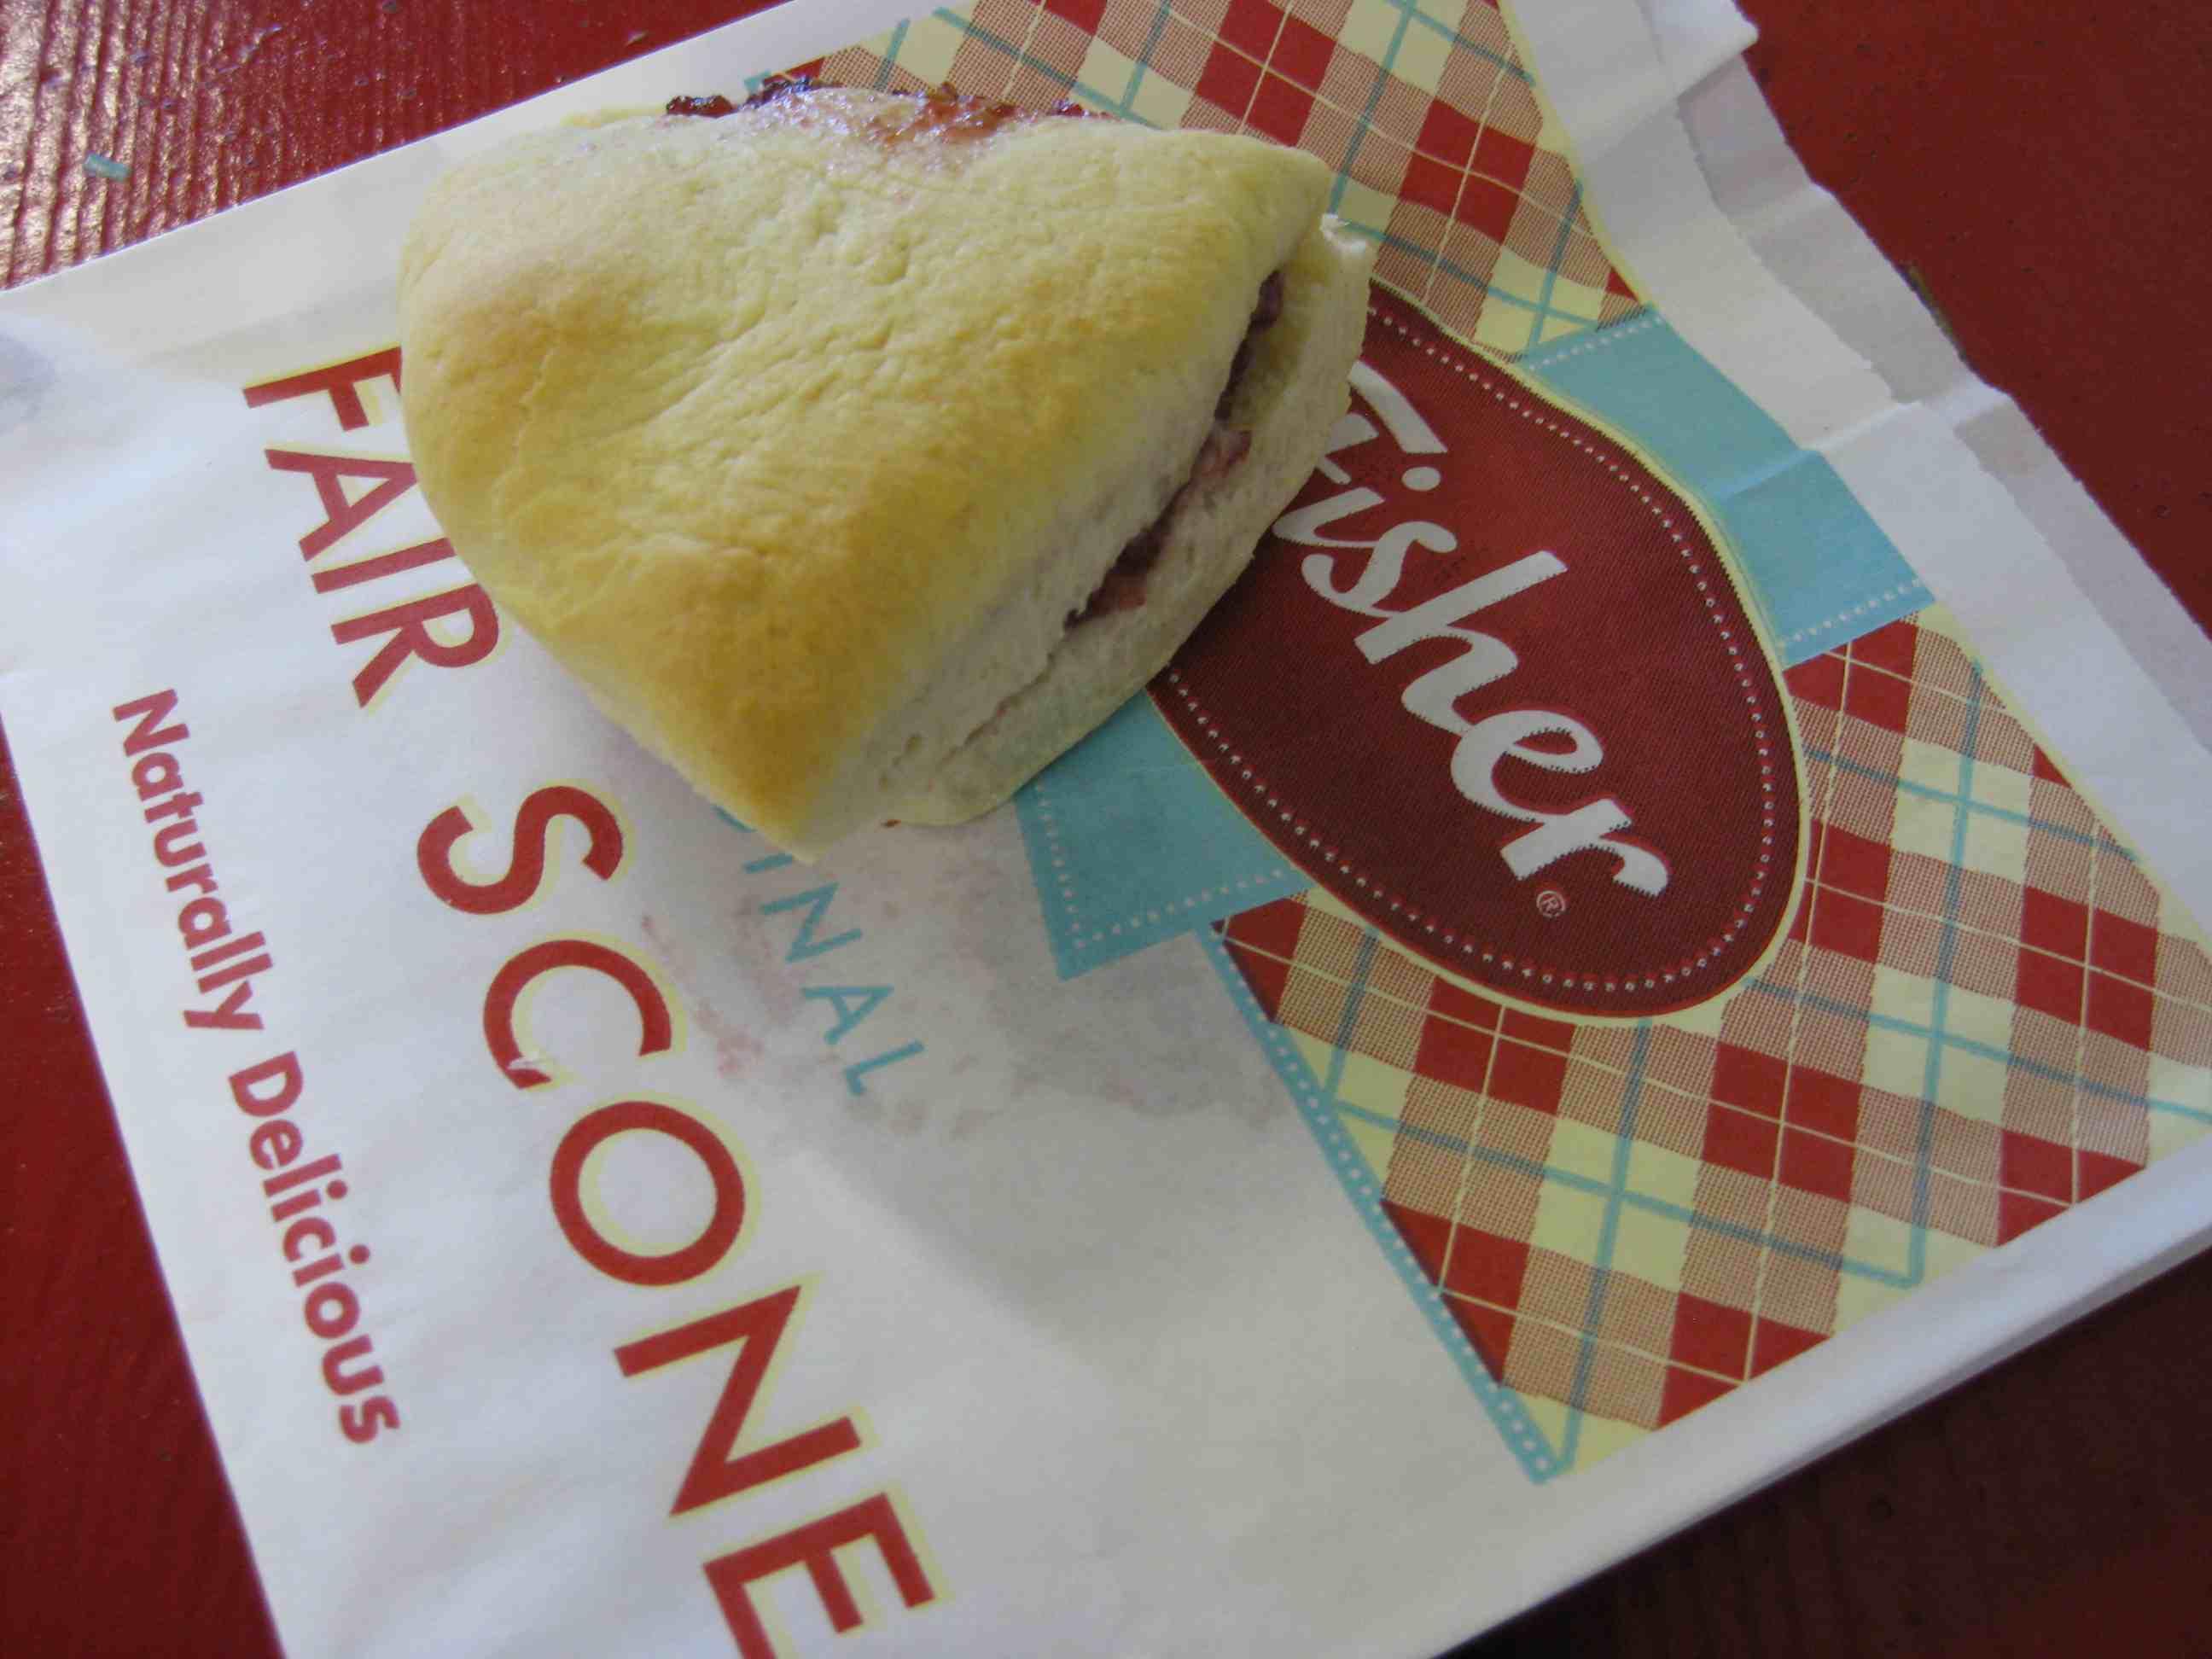 WA State Fair Scone